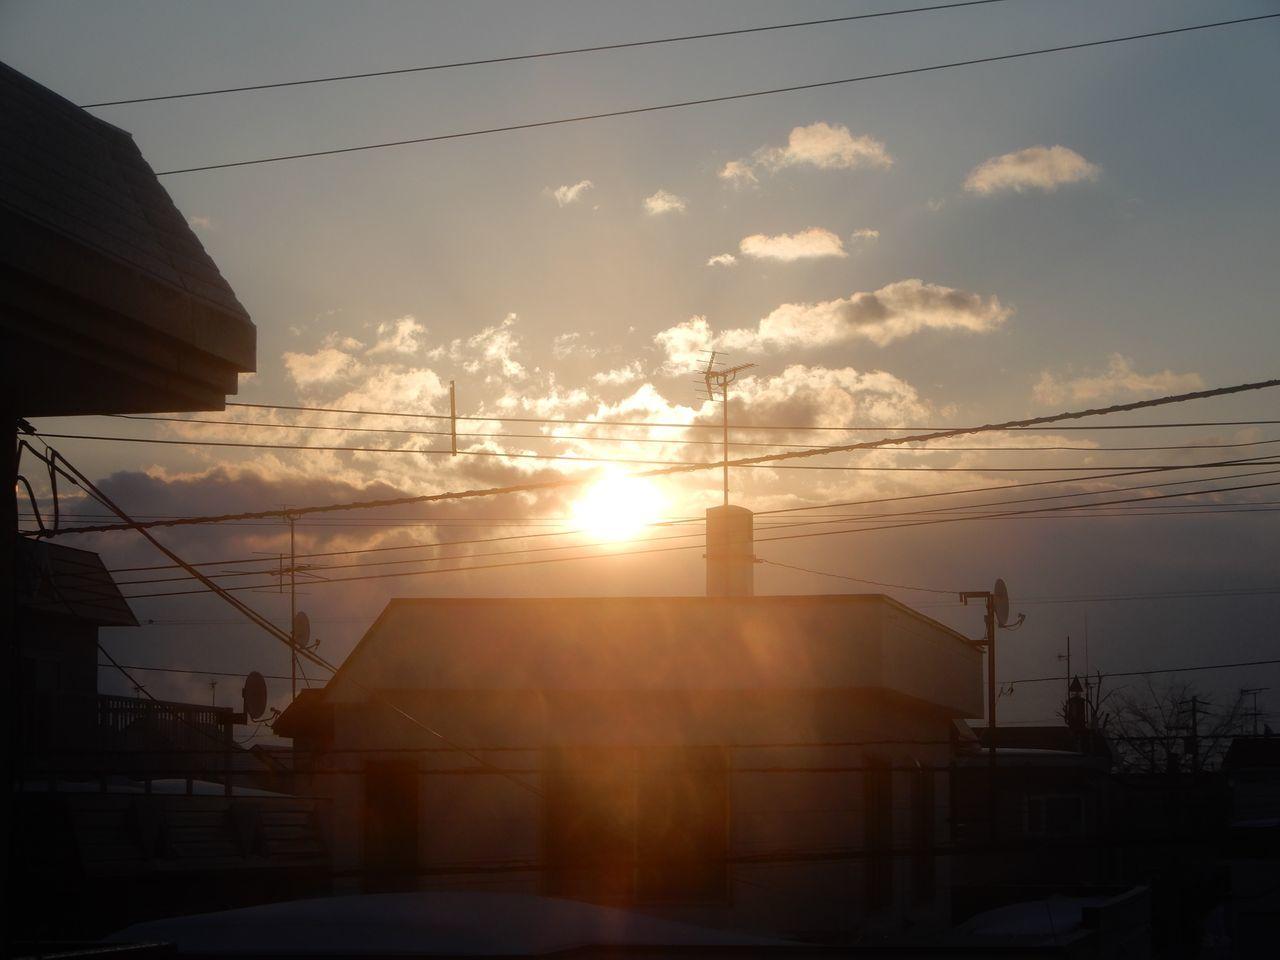 もう太陽のほうが早起きになっていた_c0025115_21542880.jpg